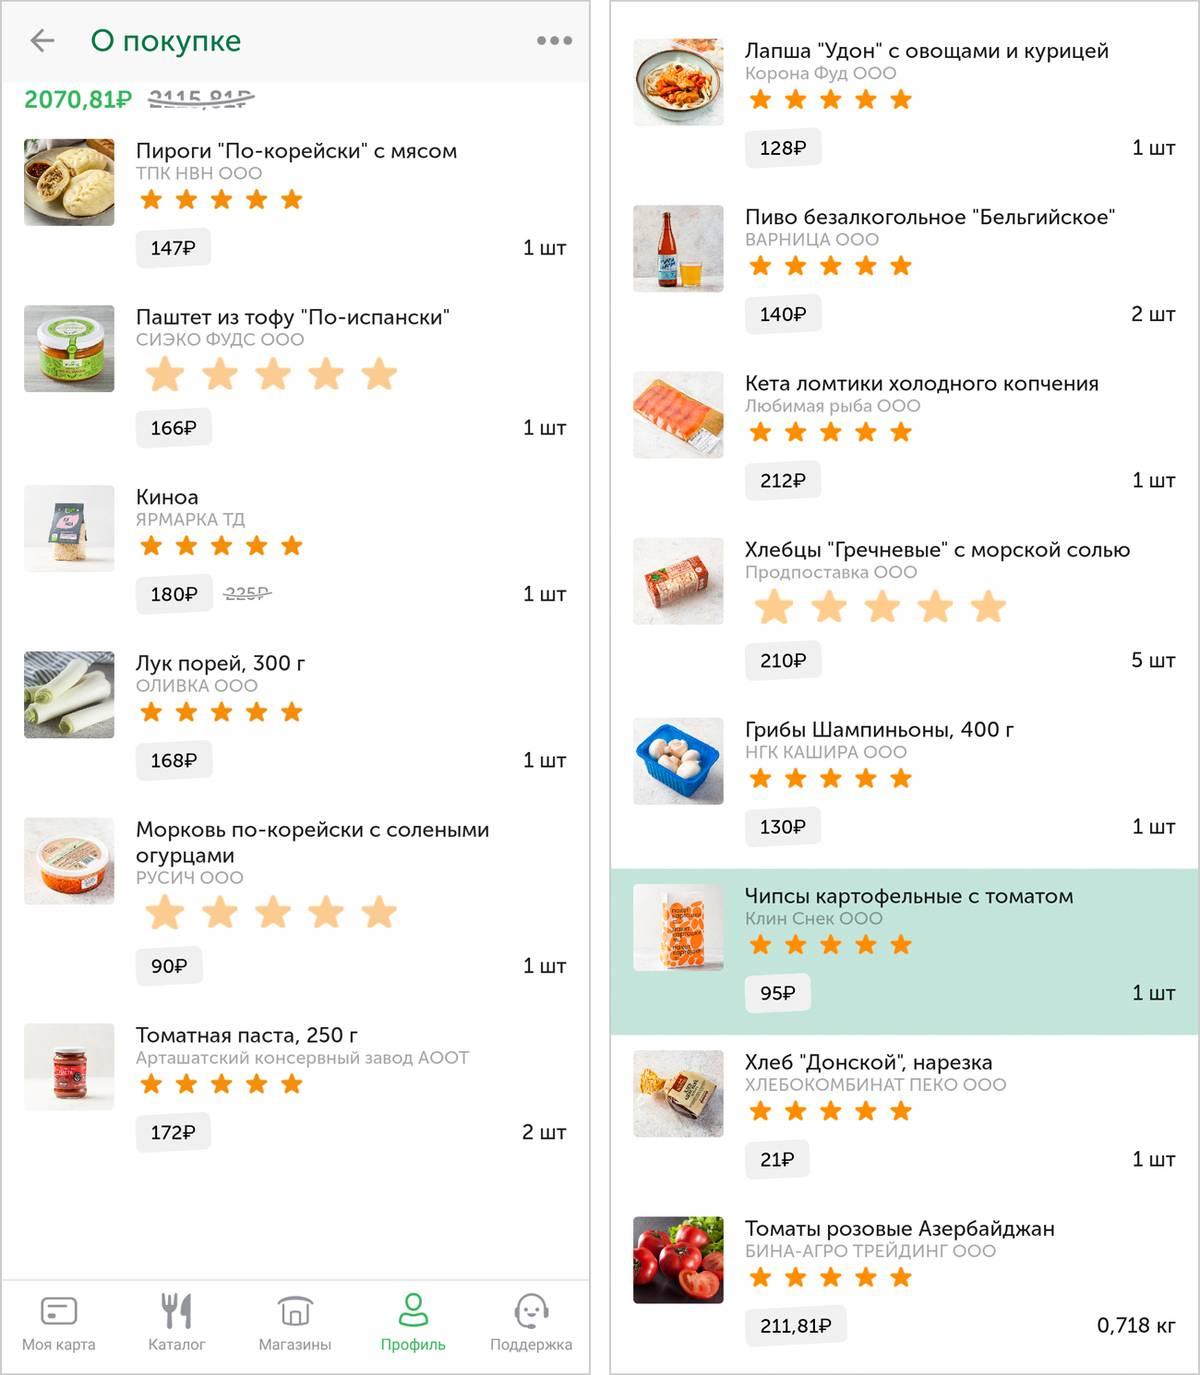 Основную часть продуктов мы закупаем во «Вкусвилле», овощи и фрукты берем в другом месте, об этом расскажу дальше в дневнике. Часть круп я заказываю на «Озоне»